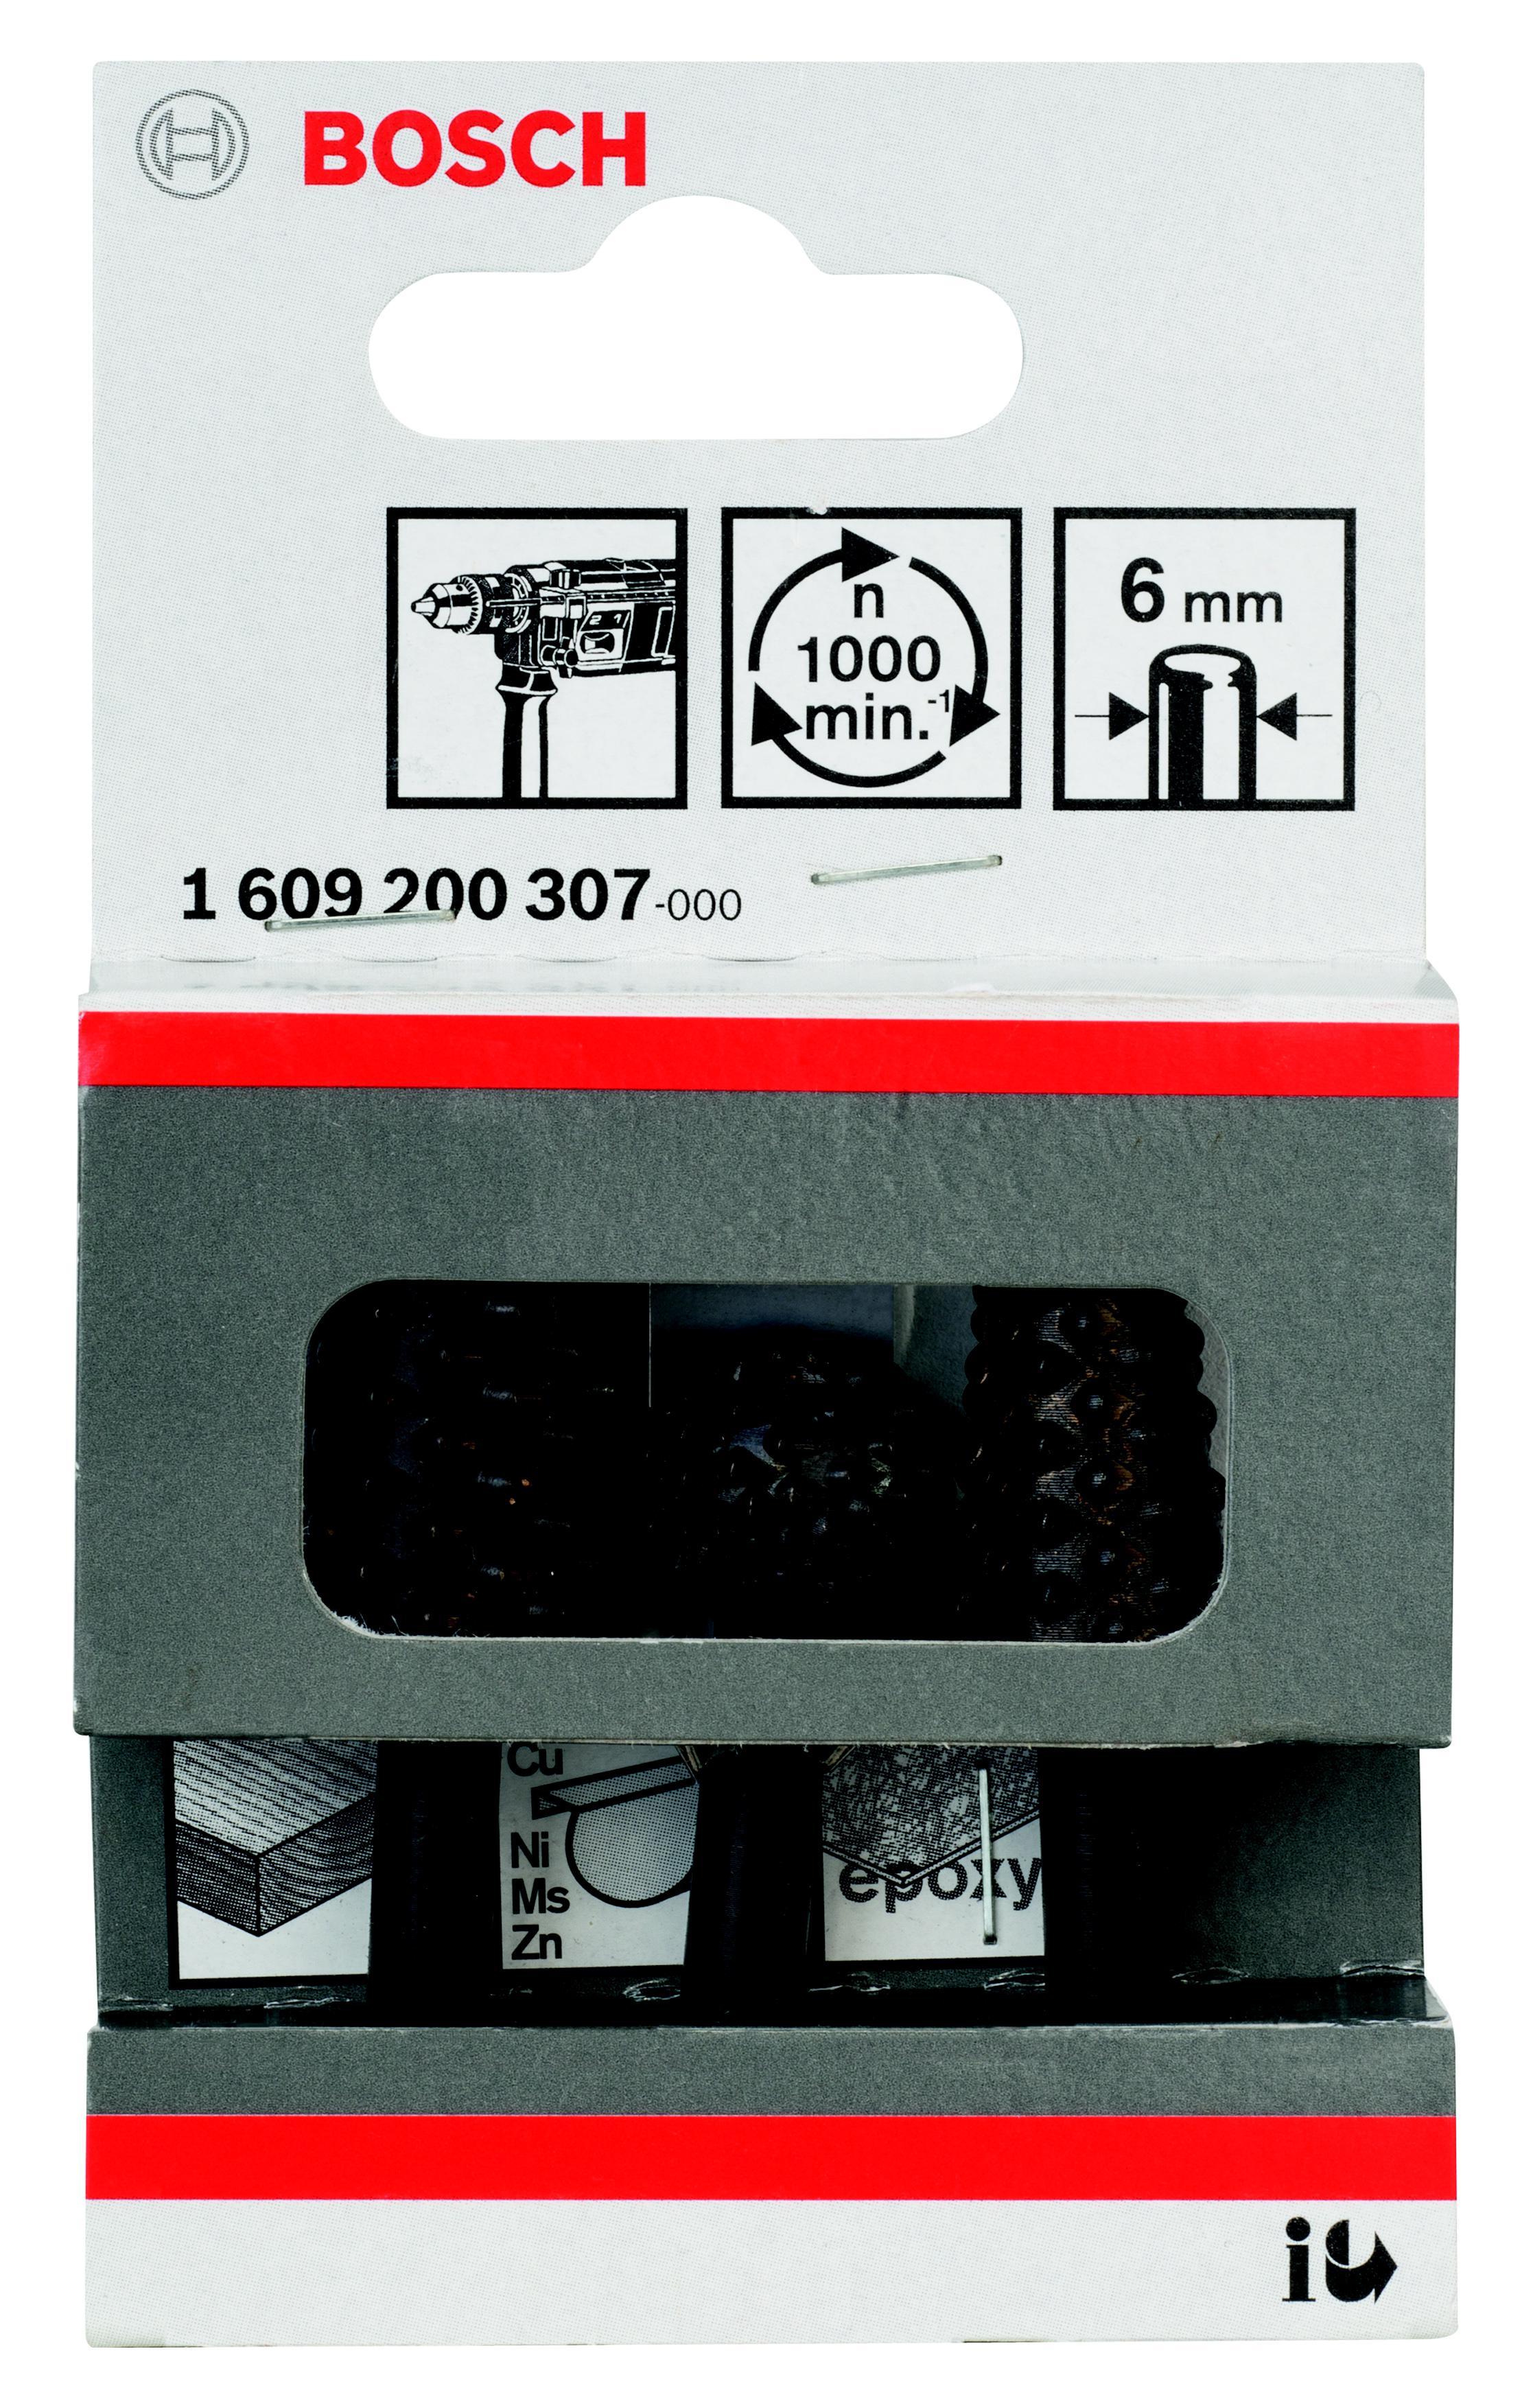 Набор фрез Bosch 3шт., хвостовик 6 мм (1.609.200.307) набор фрез bosch хвостик 8 мм 6 шт